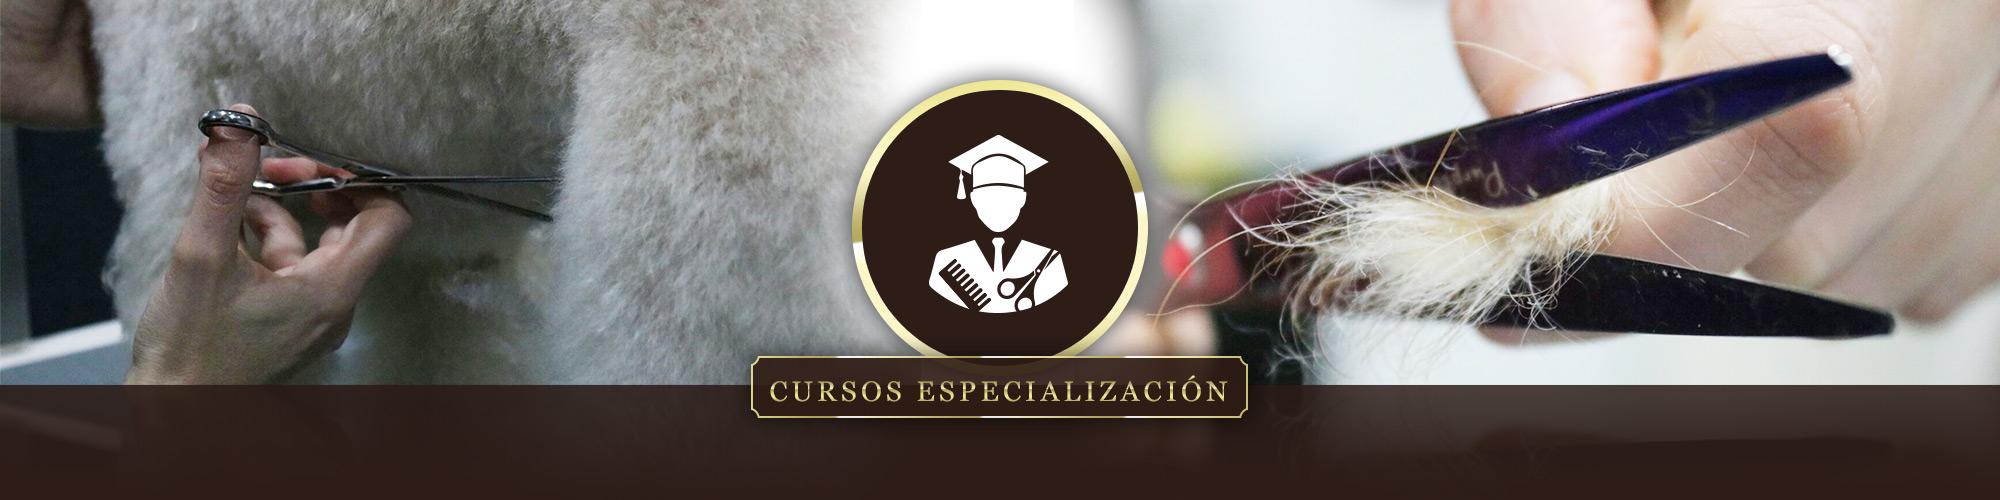 Curso Especialización Peluquería Canina